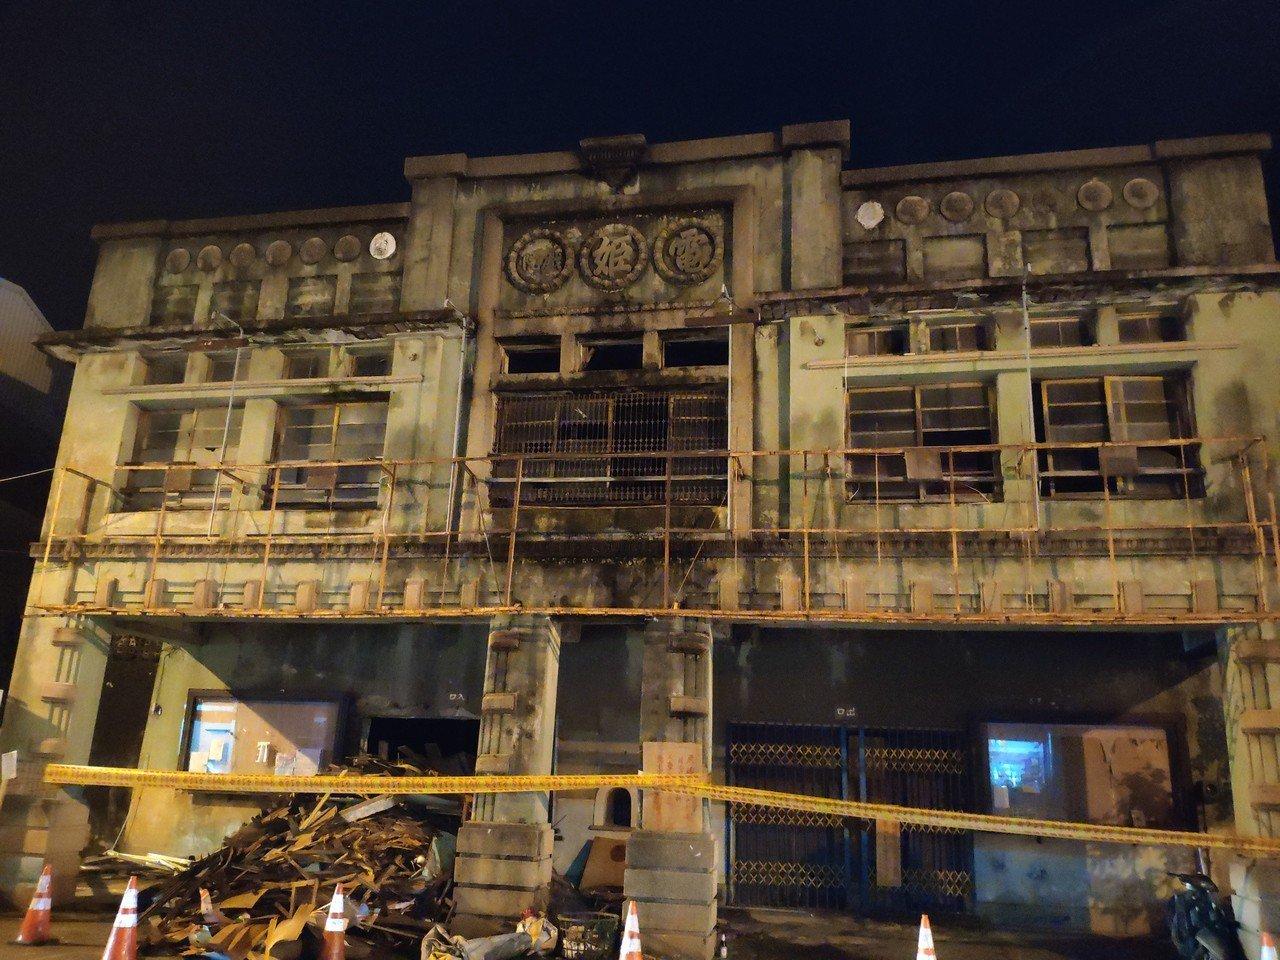 被台南市列為歷史建物的麻豆電姬戲院,上月傳出內部木構桌椅遭「誤拆」,外界愕然。記...